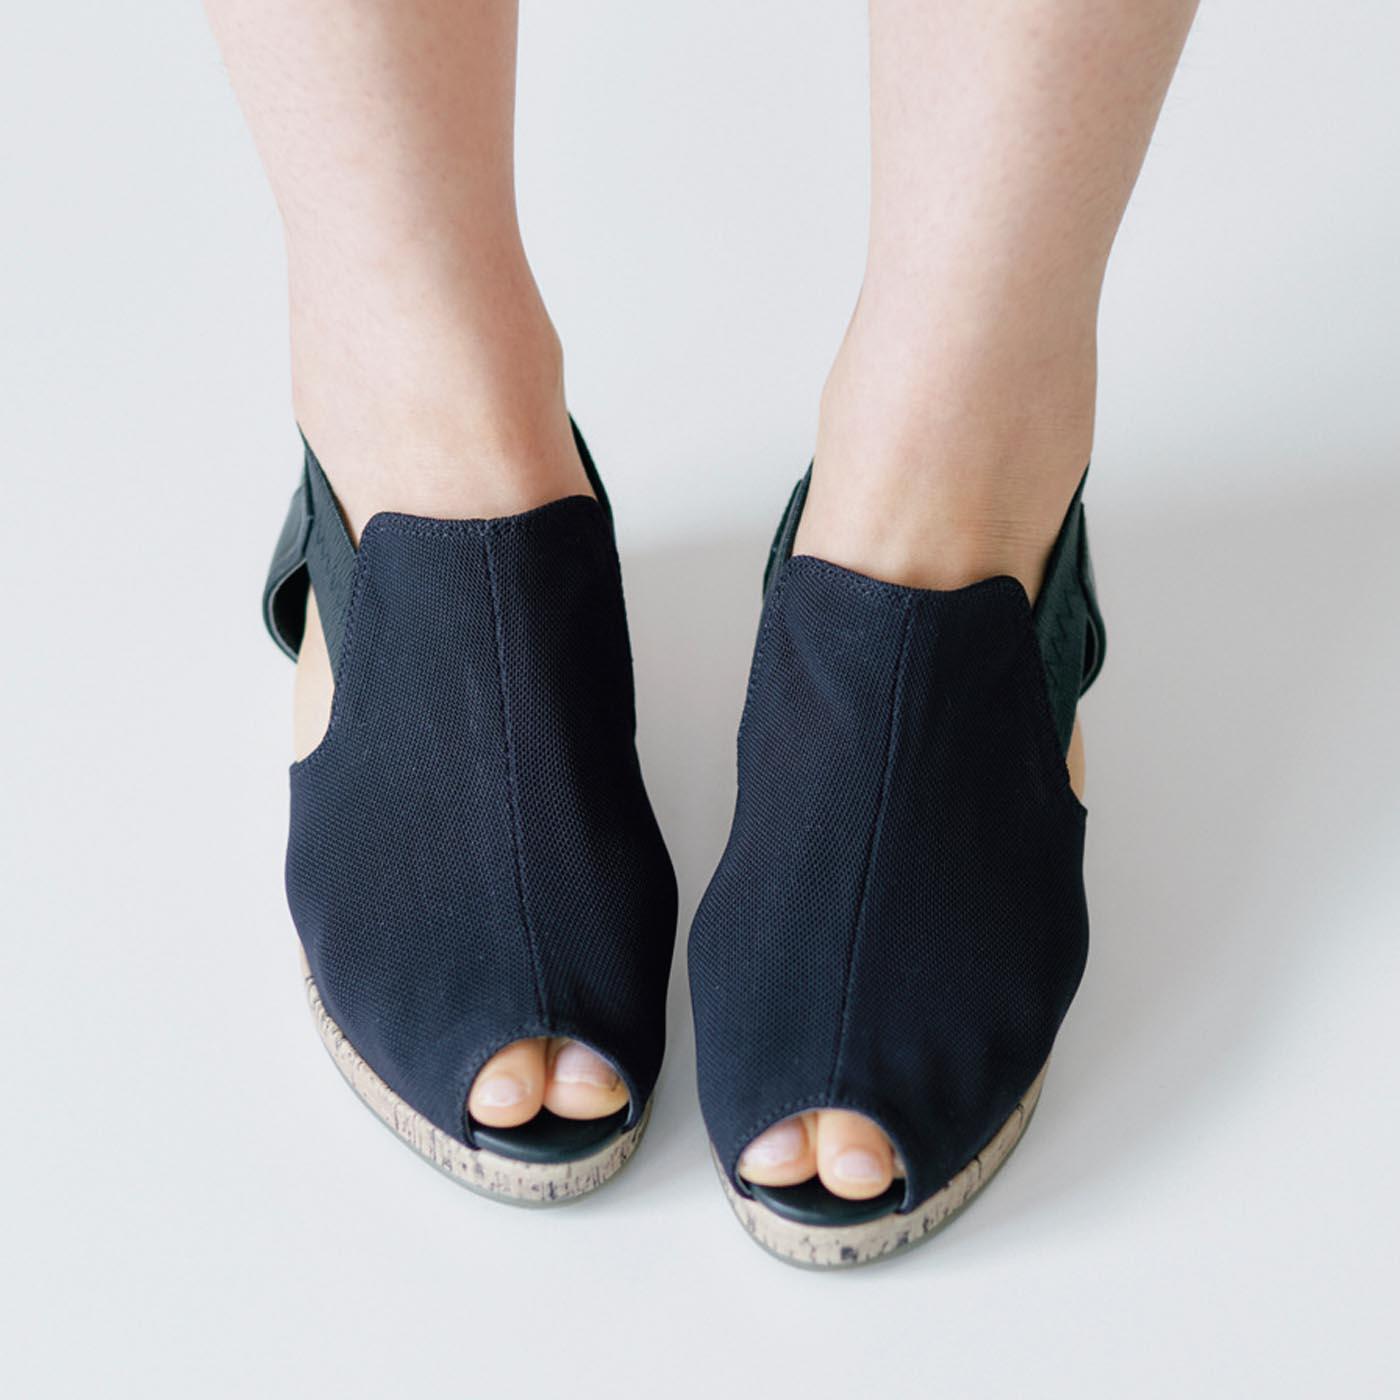 甲をしっかり支えて歩きやすいロングノーズサンダル。美脚見せもかかないます。